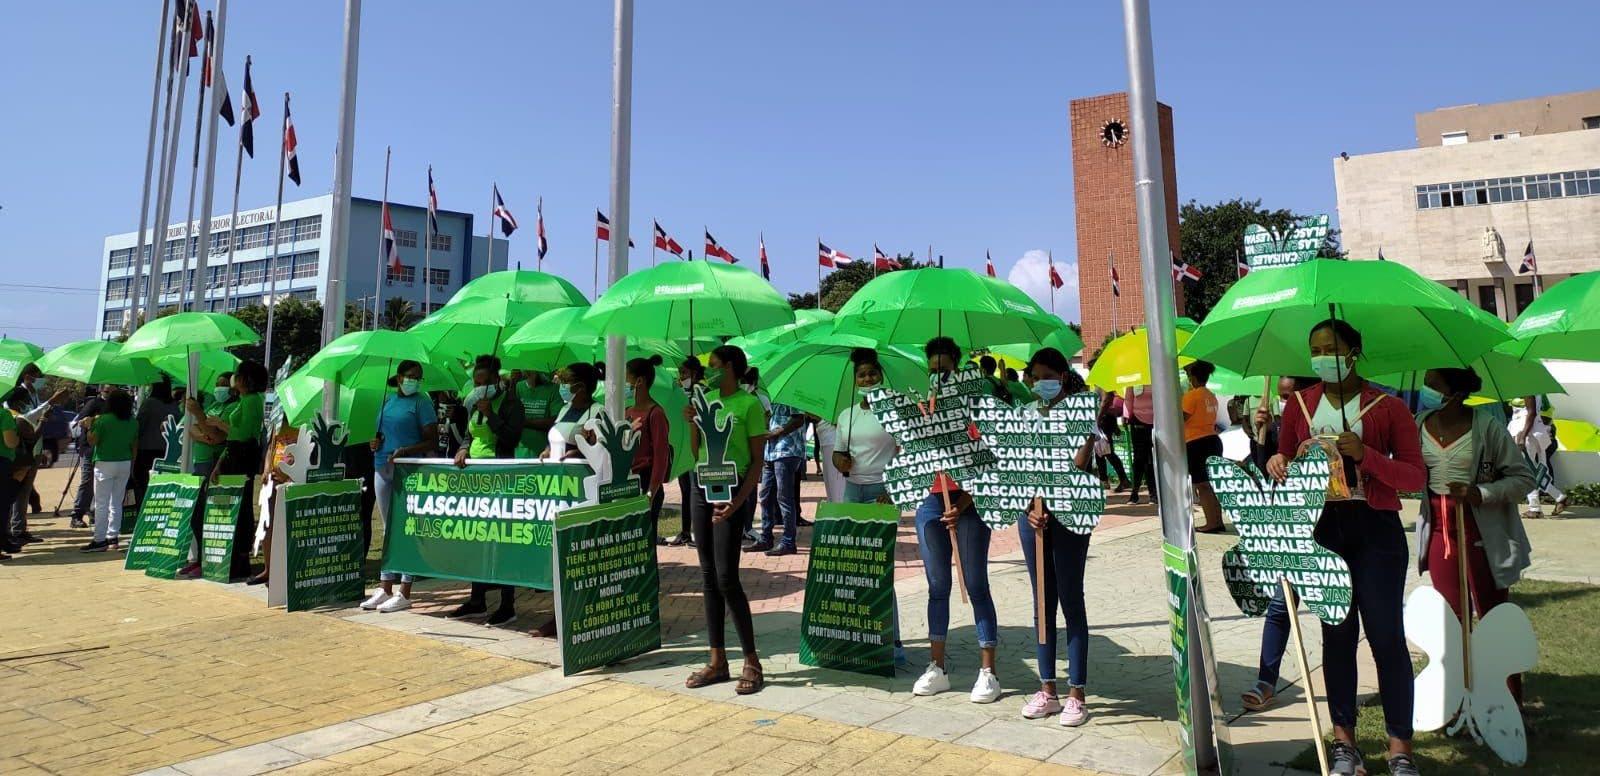 Feministas vuelven a instalarse frente al Congreso Nacional por las tres causales